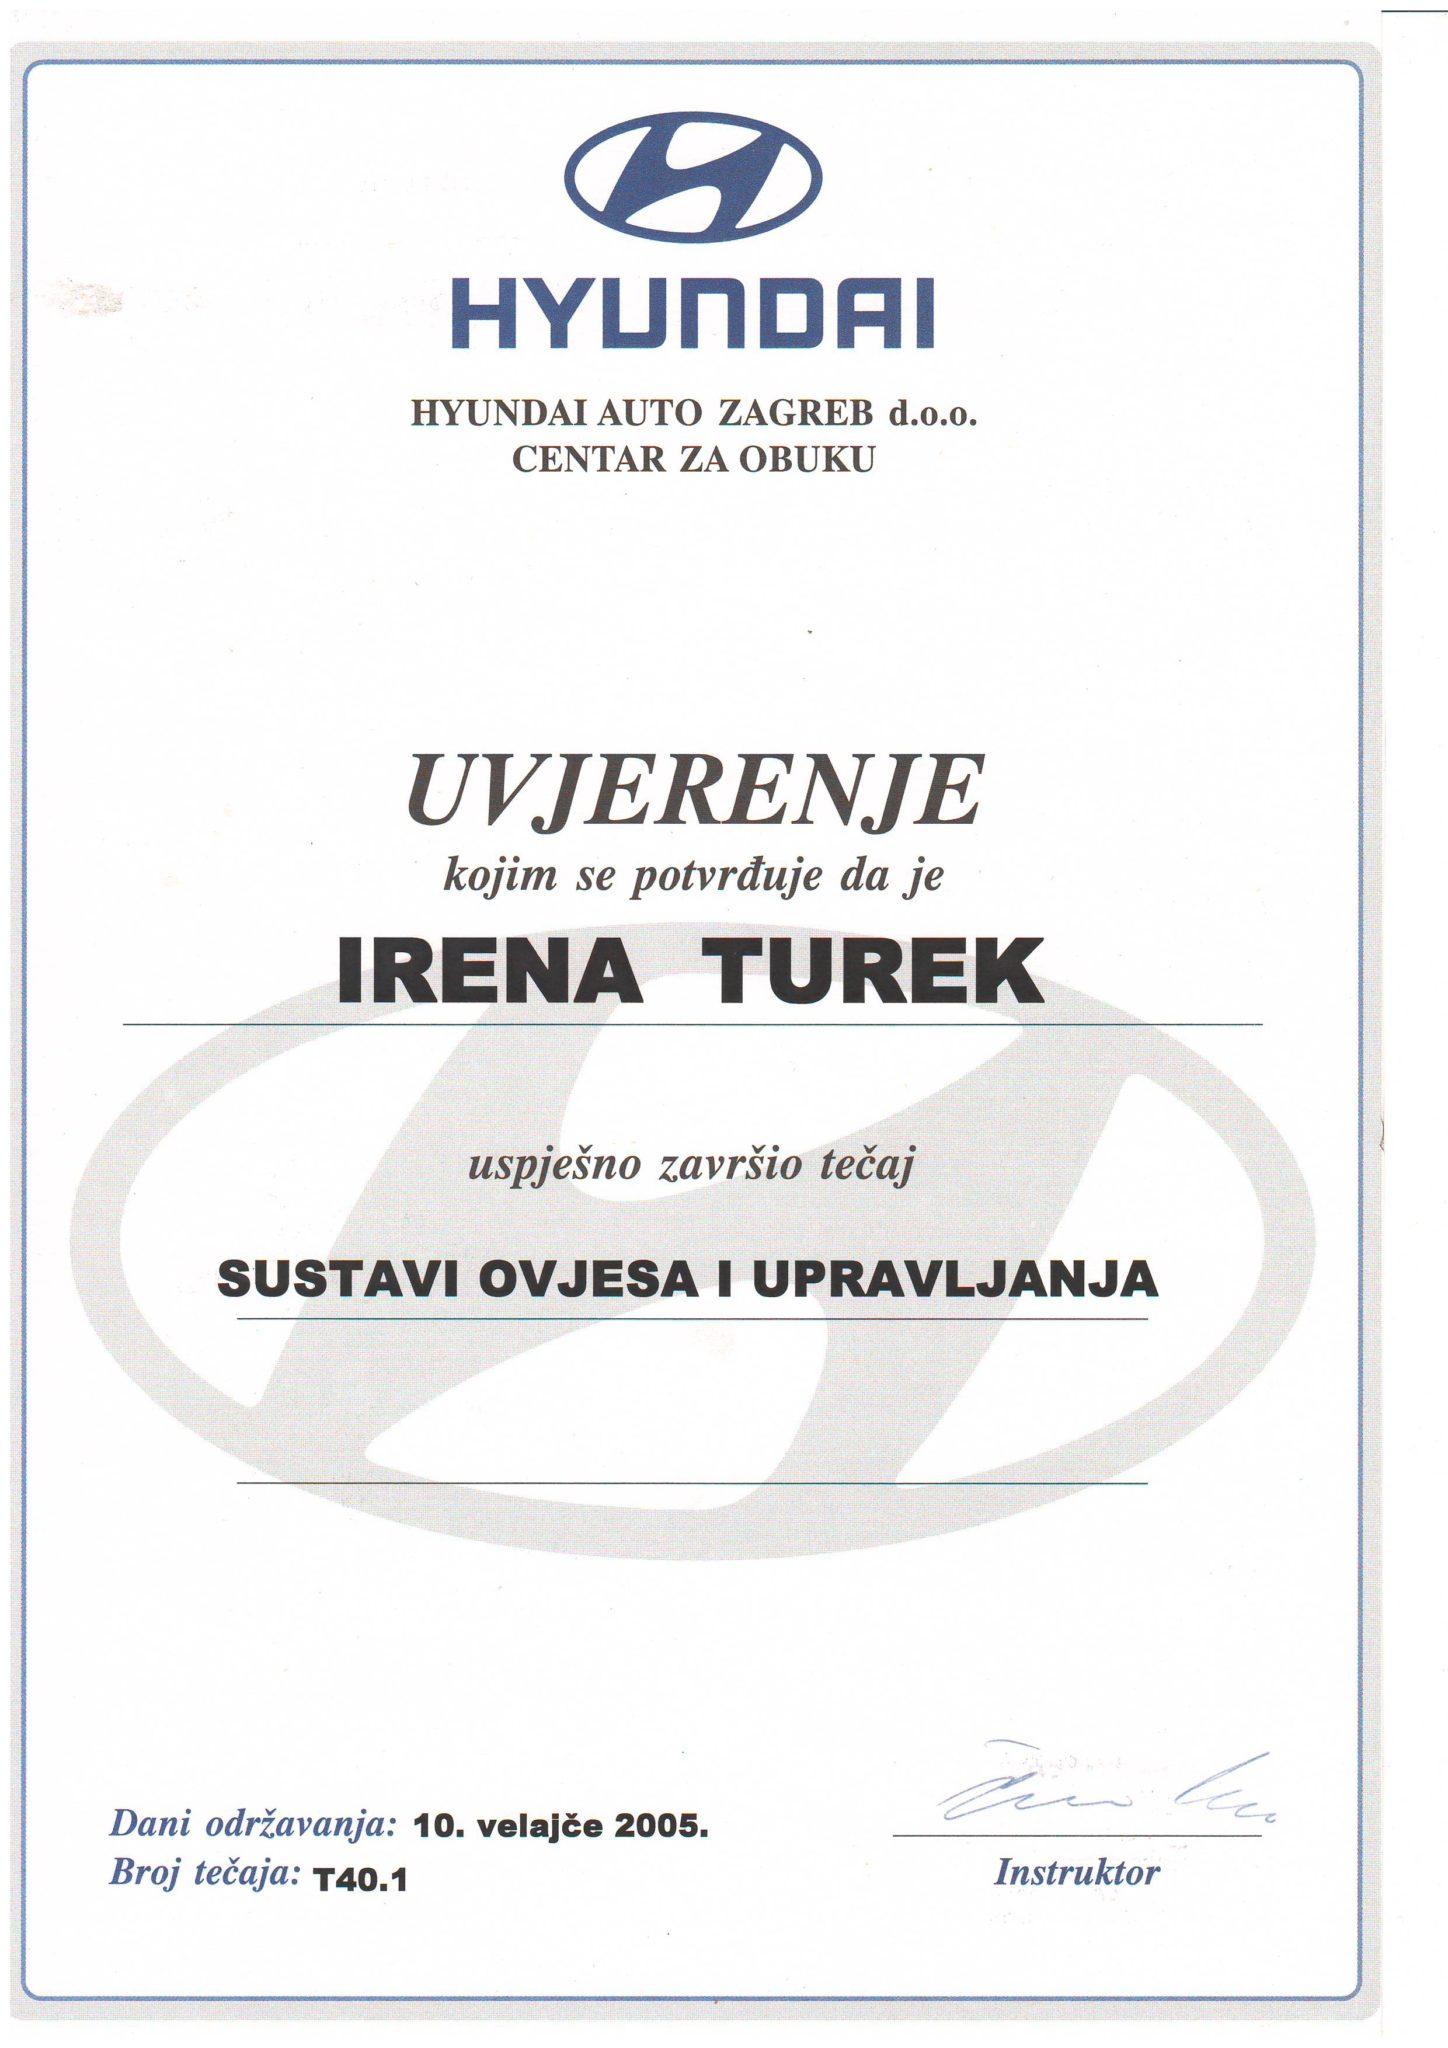 Picture of Hyundai - sustavi ovjesa i upravljanja